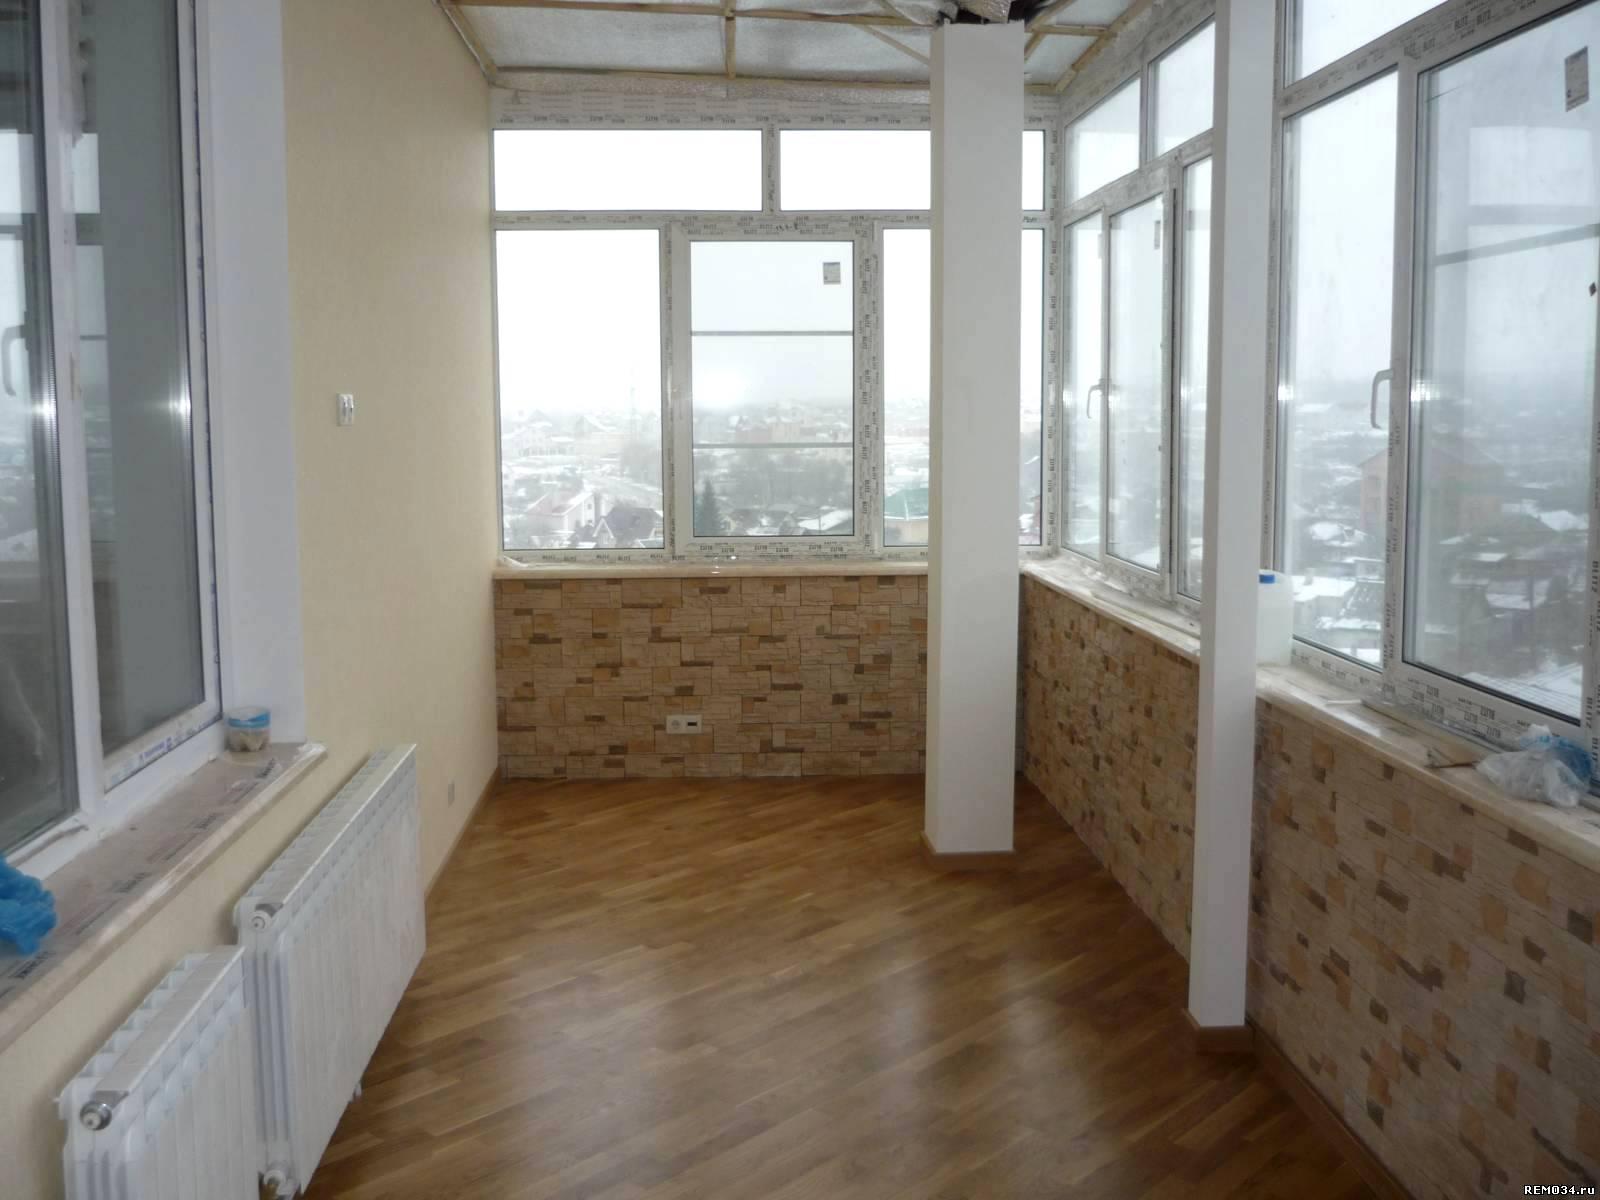 Стены на балконе - фото лучших идей оформления красивых стен.